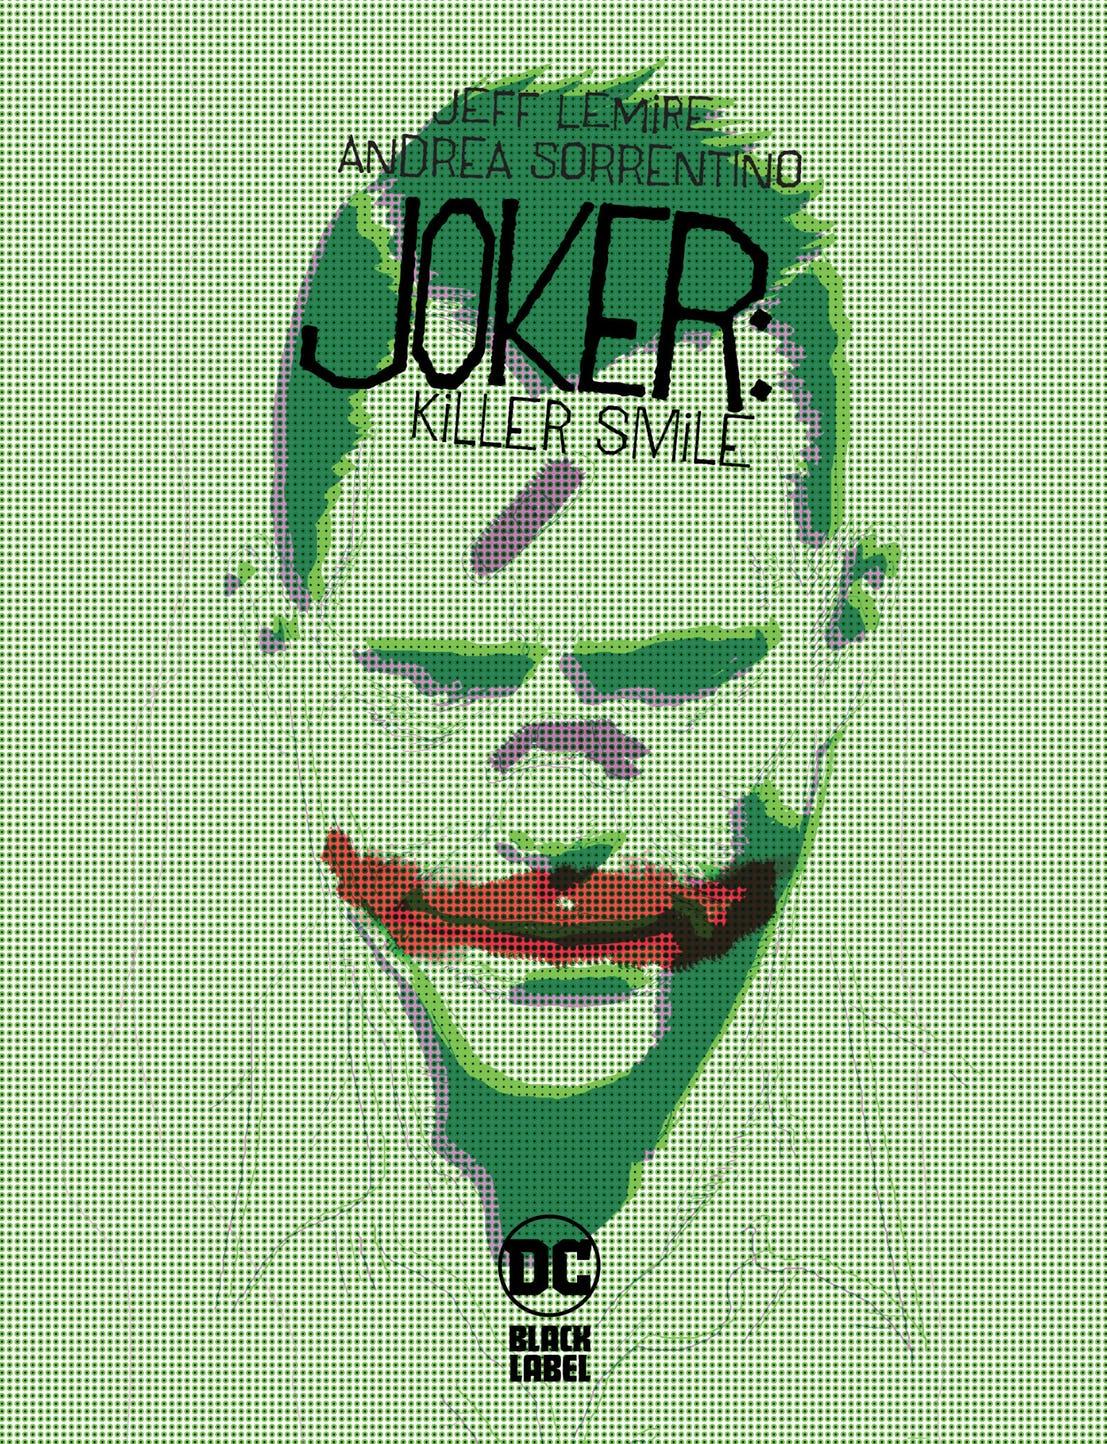 joker-killer-smile-cover.jpg